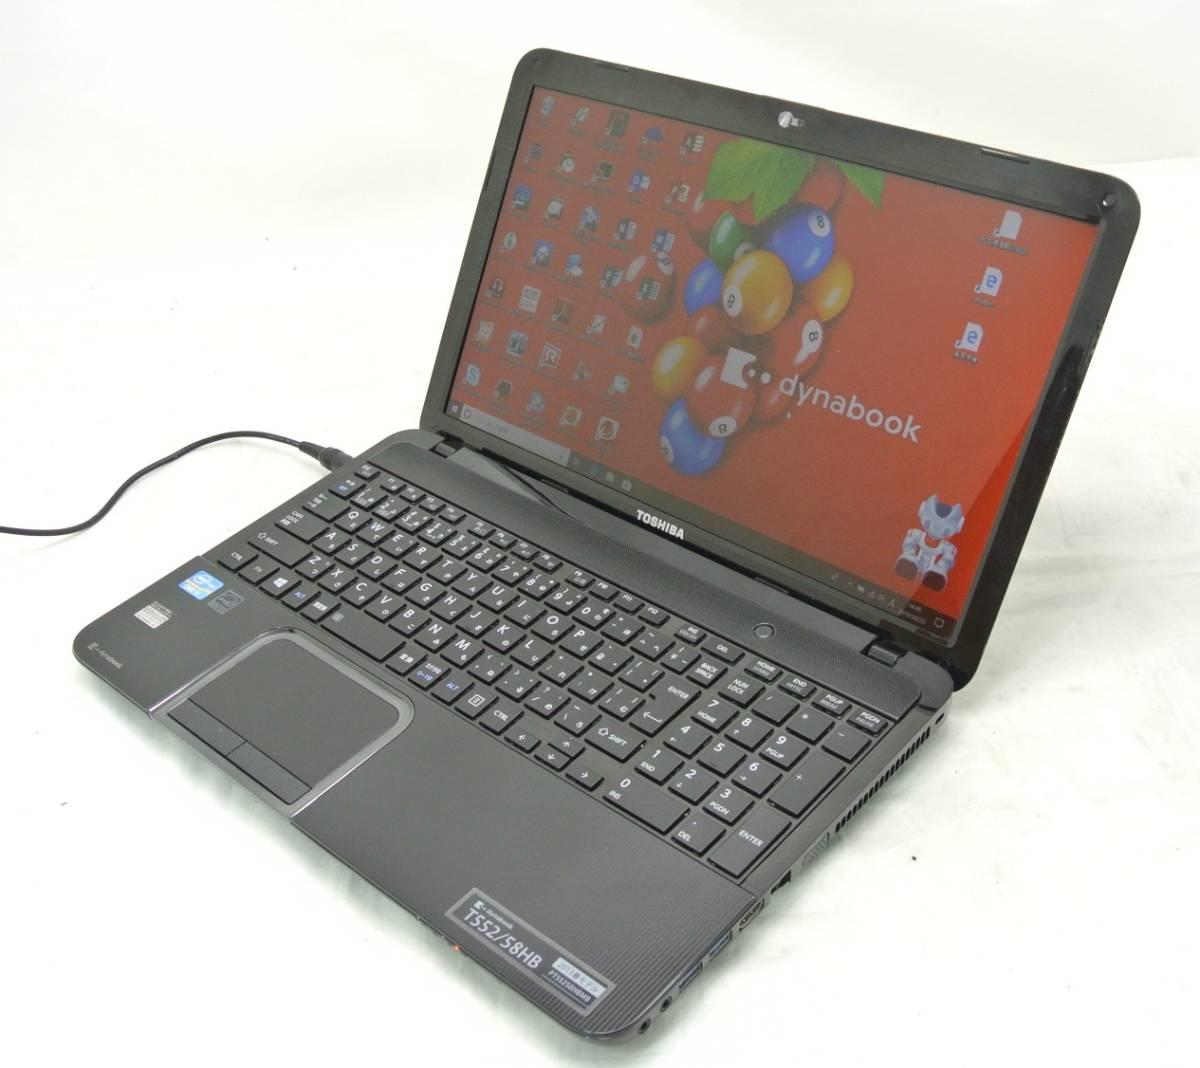 爆速SSD500G仕様 TOSHIBA T552/58HB 黒/i7-3630QM/8G/新SSD500G/ブルーレイRE/無線・USB3.0/Win10/office2016/ゲーム・映画・事務作業_画像4